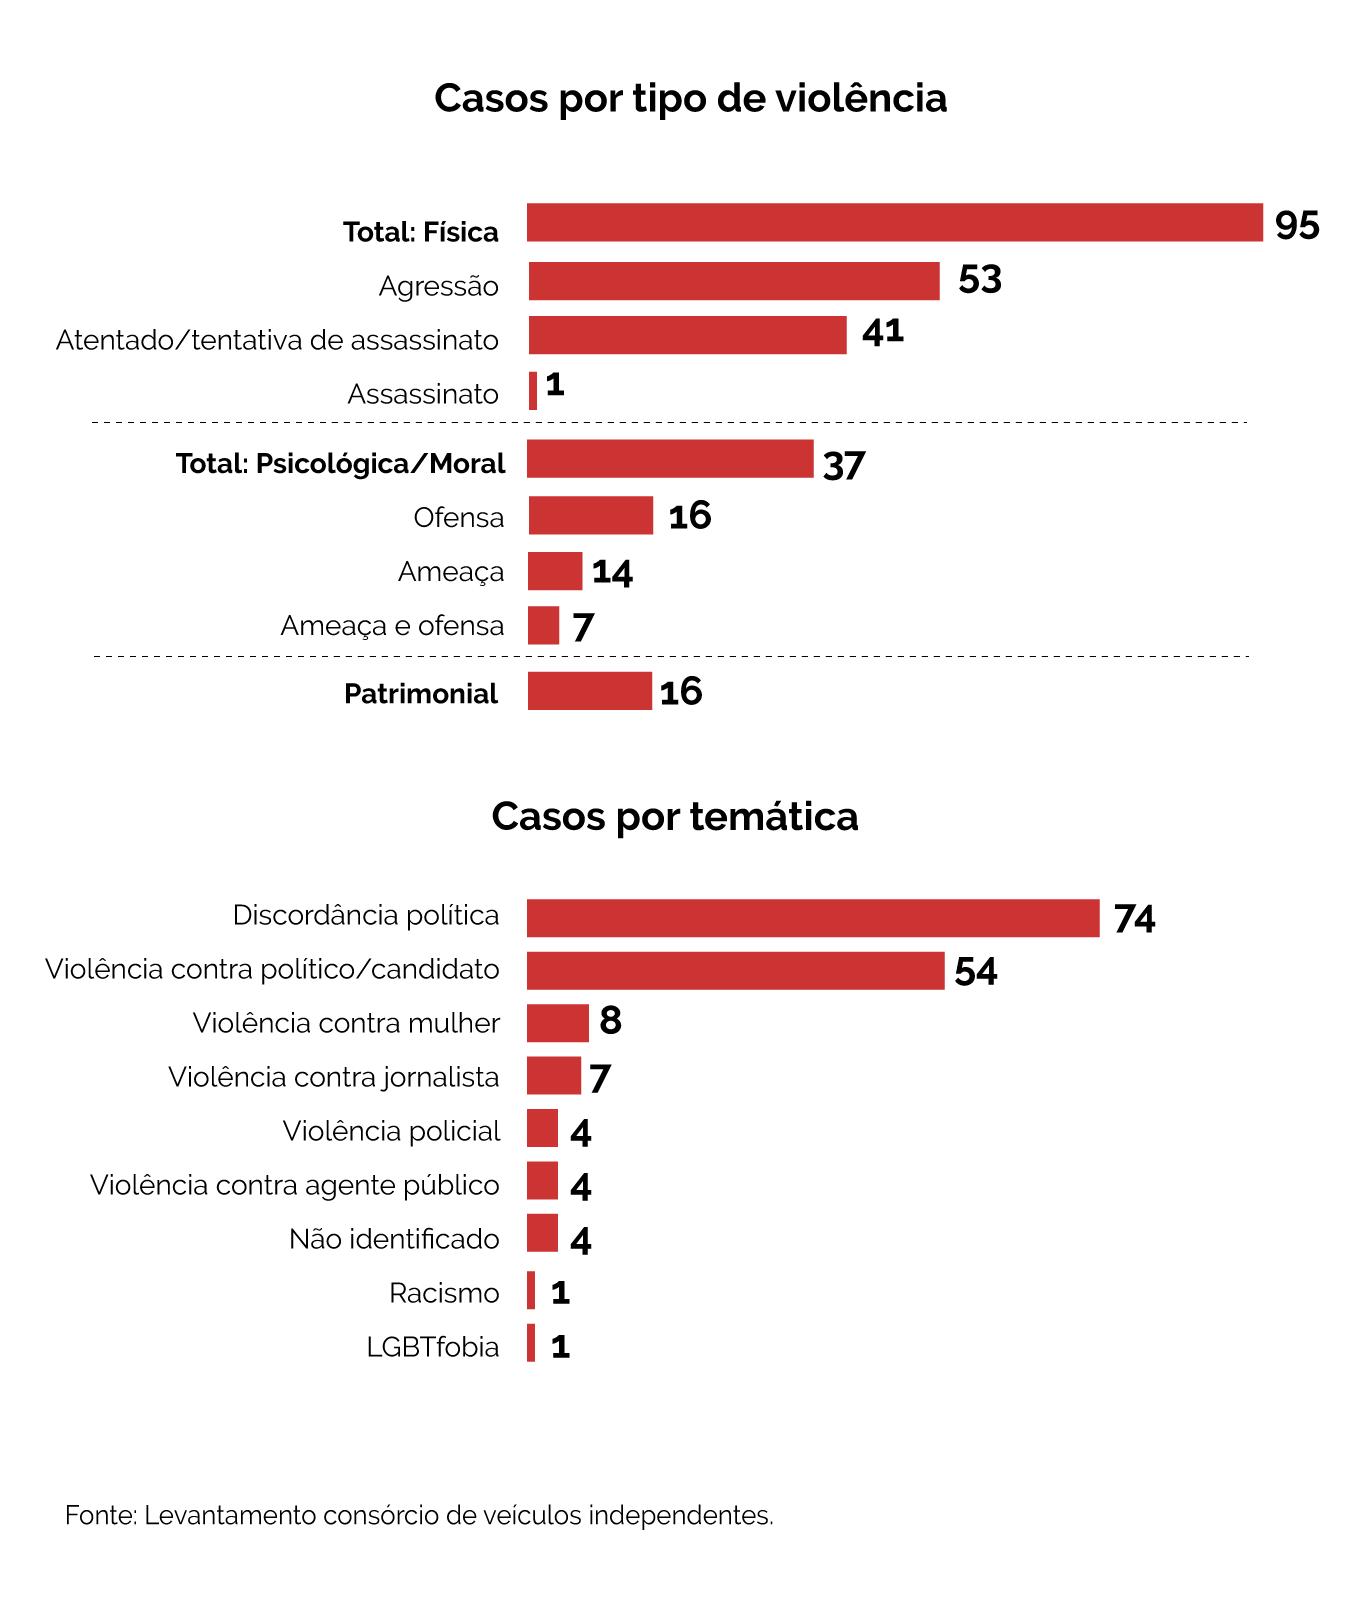 Violências por tipo e temática levantados pelo Consórcio de Veículos Digitais Independentes (Infografia: Larissa Fernandes/Agência Pública)